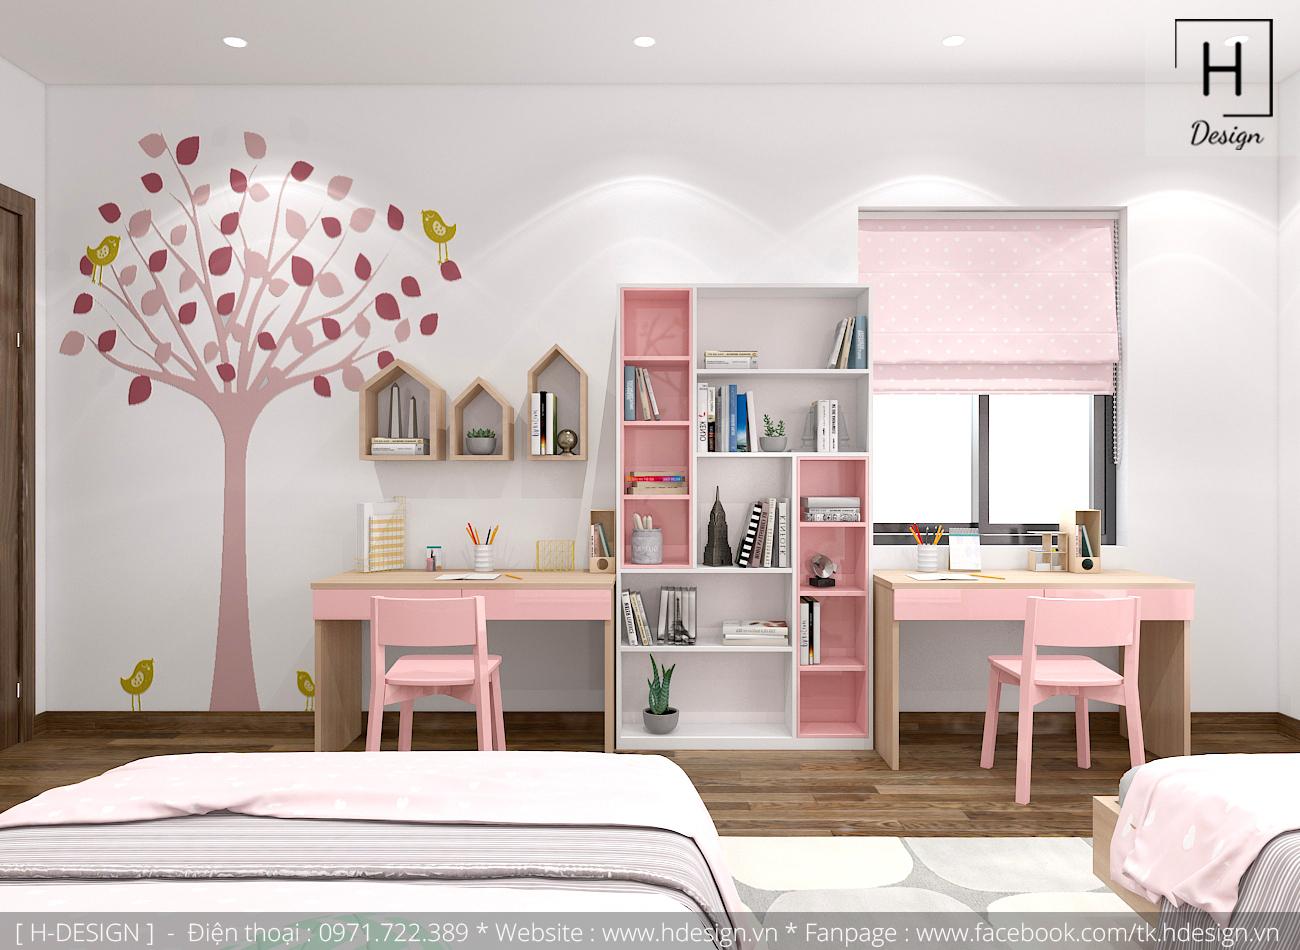 Thiết kế thi công nội thất nhà phố đẹp tại Mễ Trì - Hà Nội 15